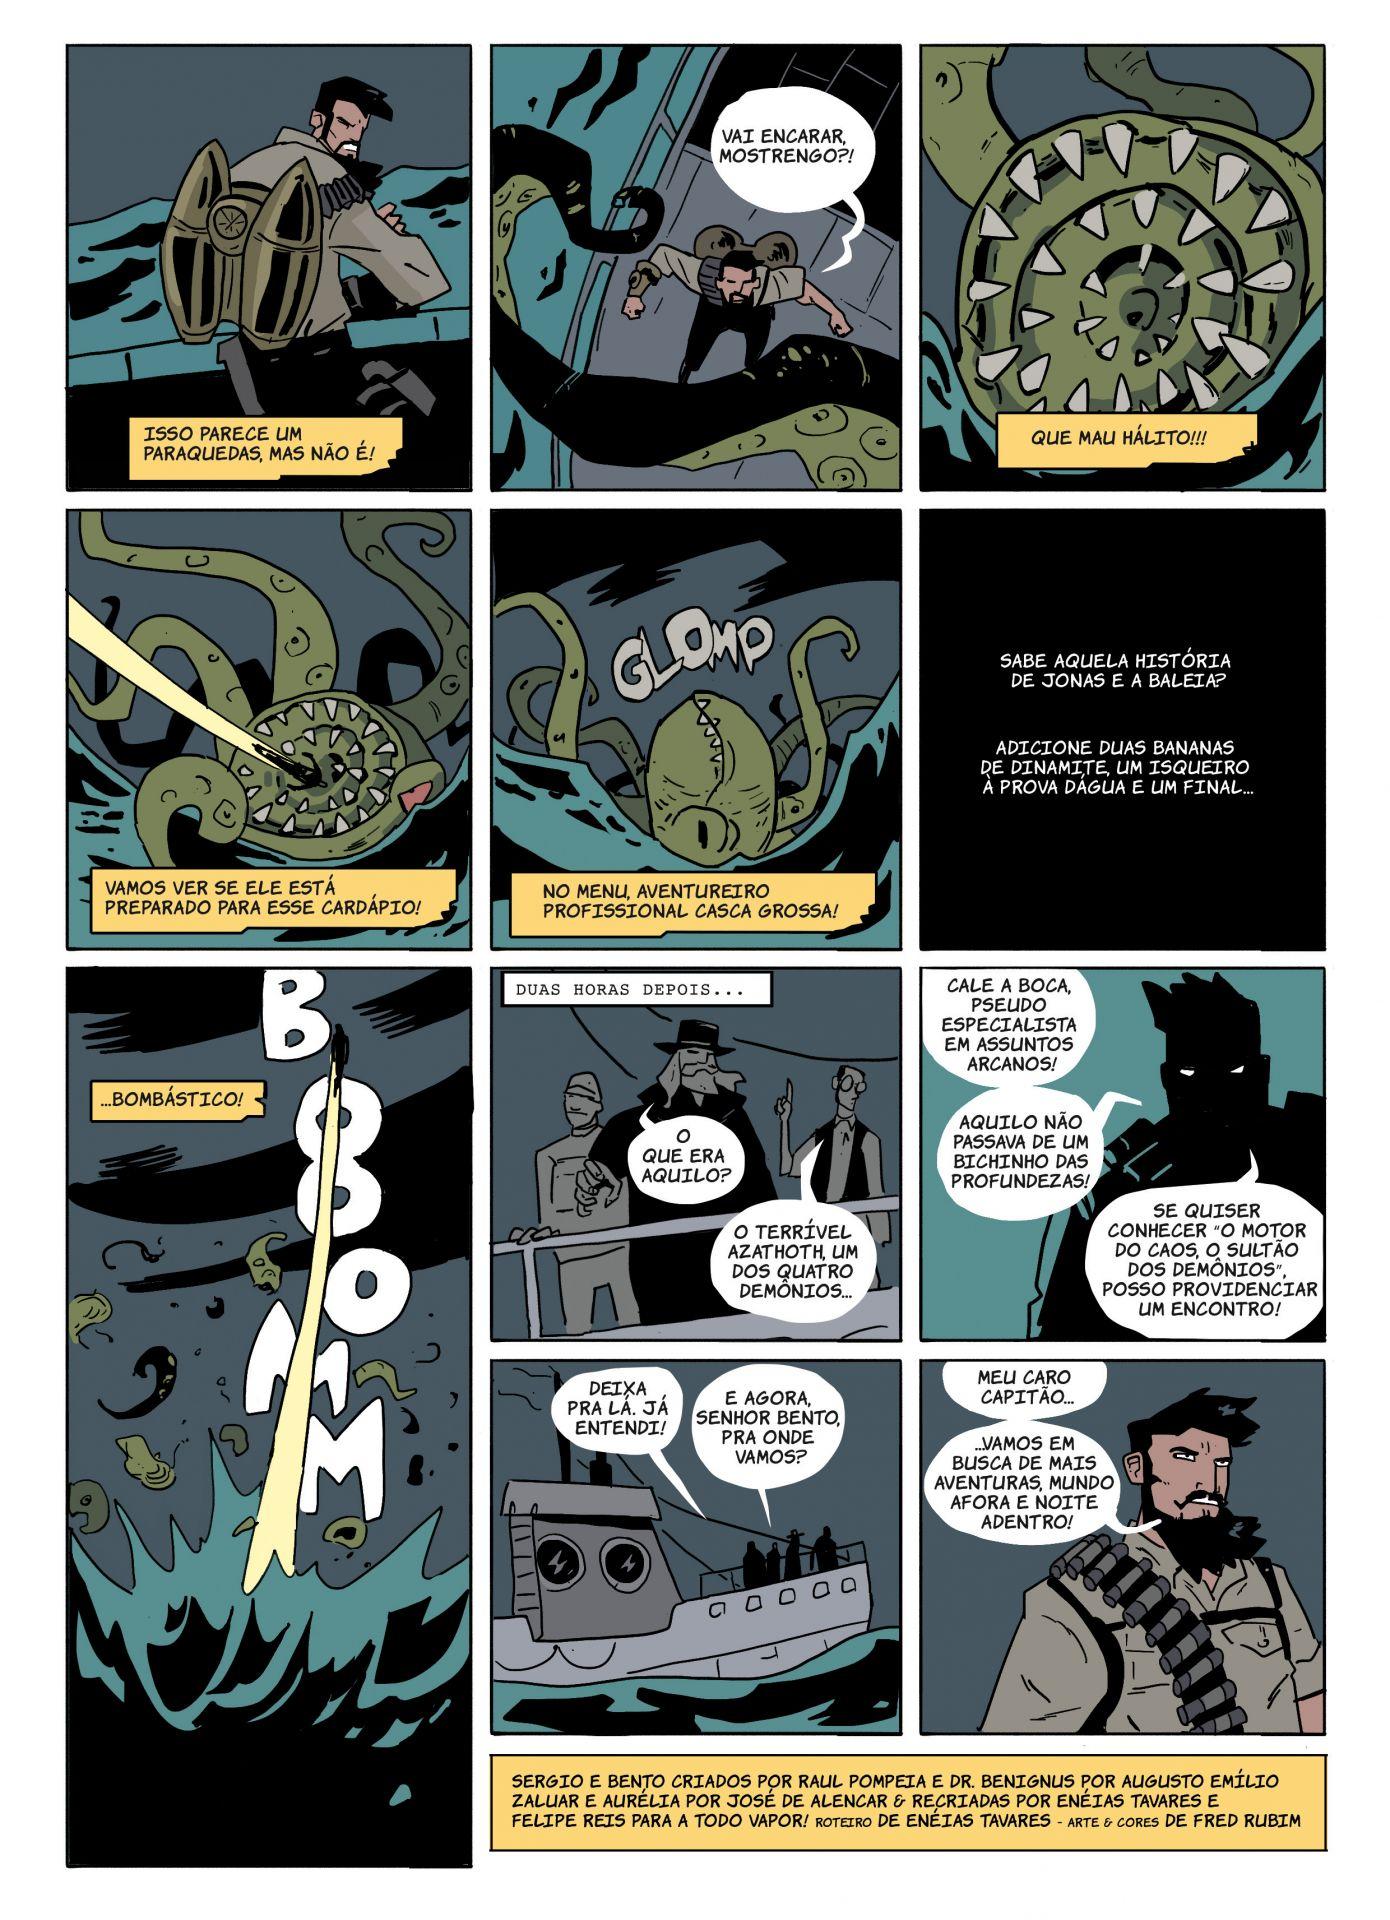 Bento - Ep 03 (A Todo Vapor - Webcomics)